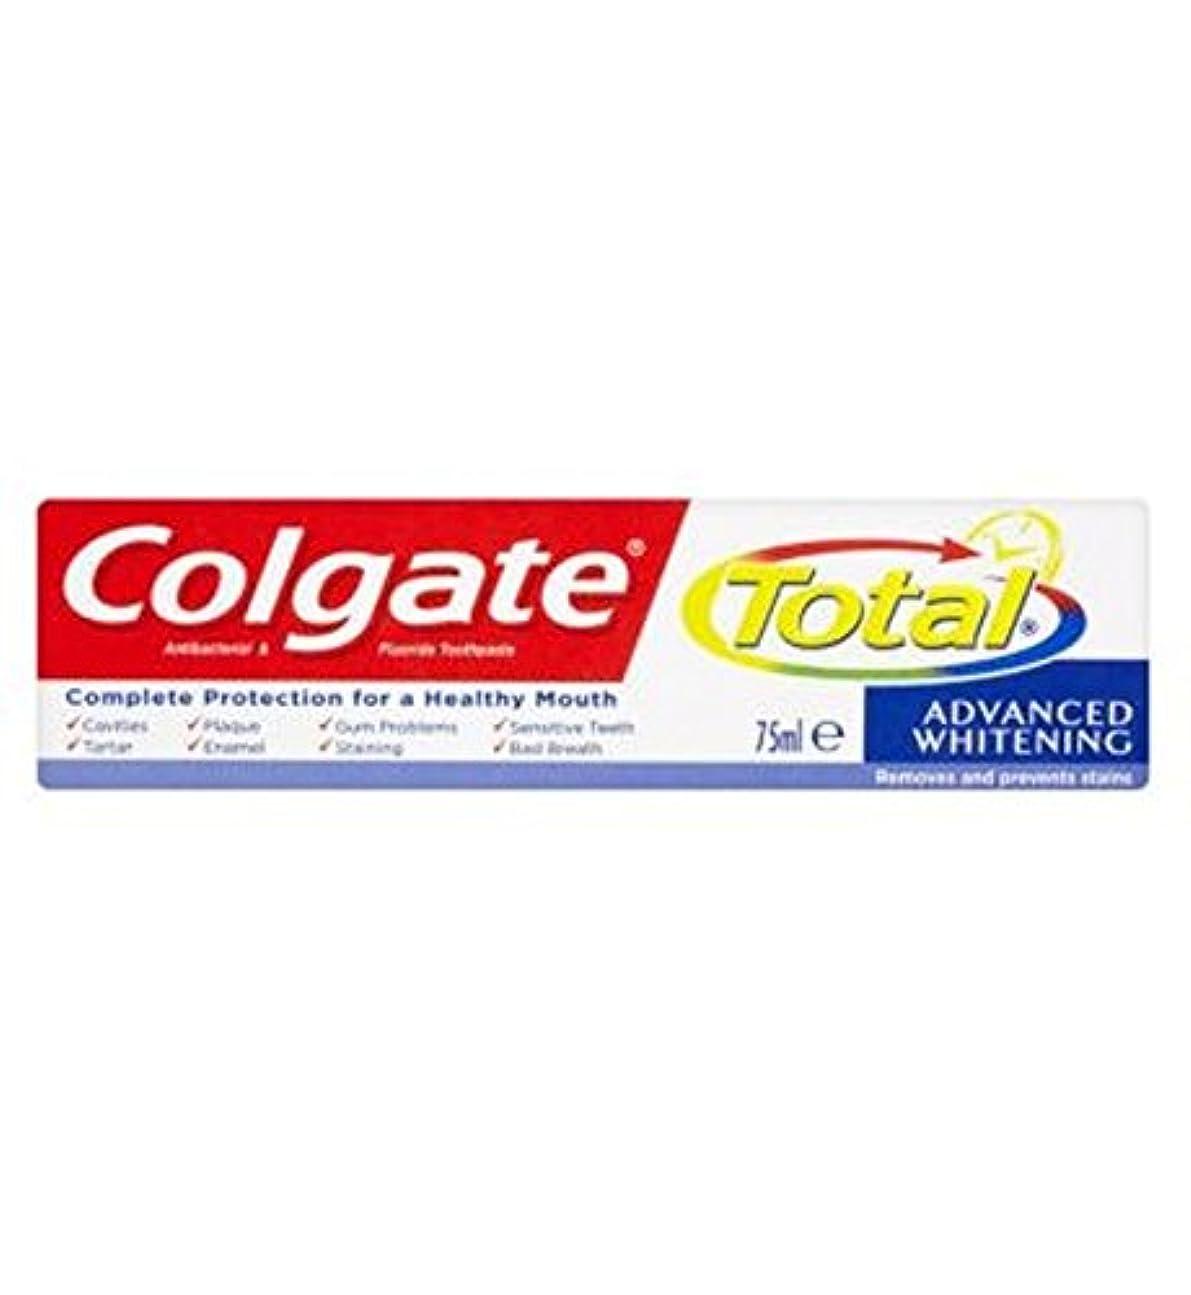 穴道を作る幸運なことにColgate Total Advanced Whitening toothpaste 75ml - コルゲートトータル高度なホワイトニング歯磨き粉75ミリリットル (Colgate) [並行輸入品]